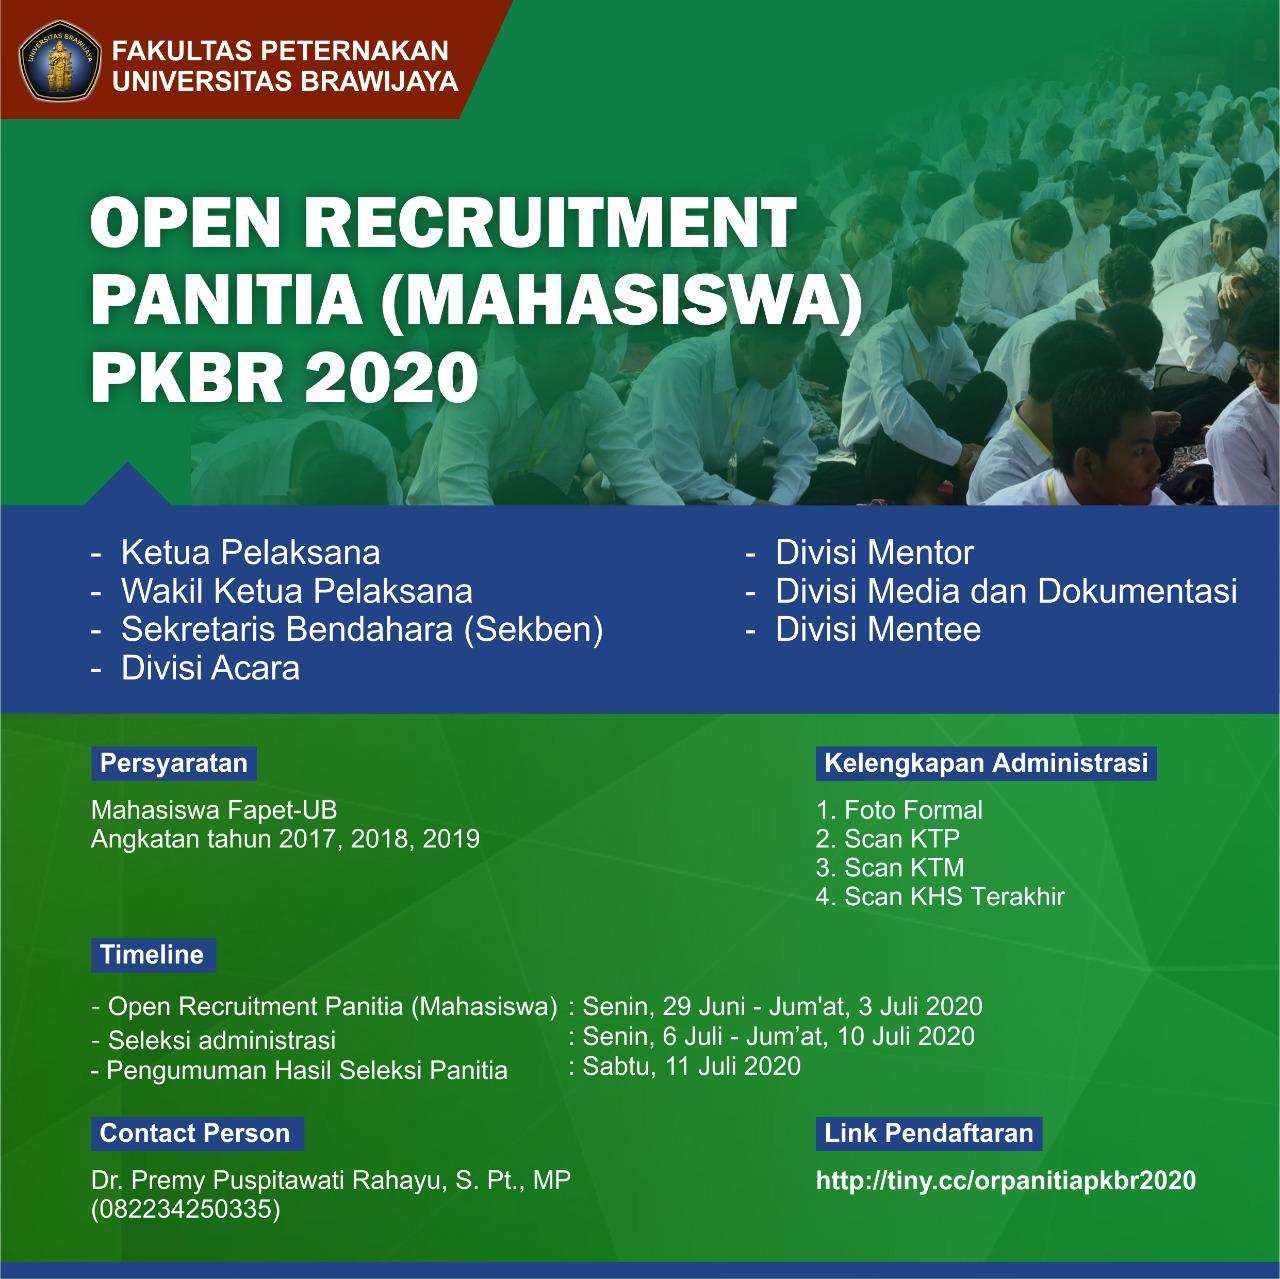 Open Recruitment Panitia (Mahasiswa) PKBR 2020